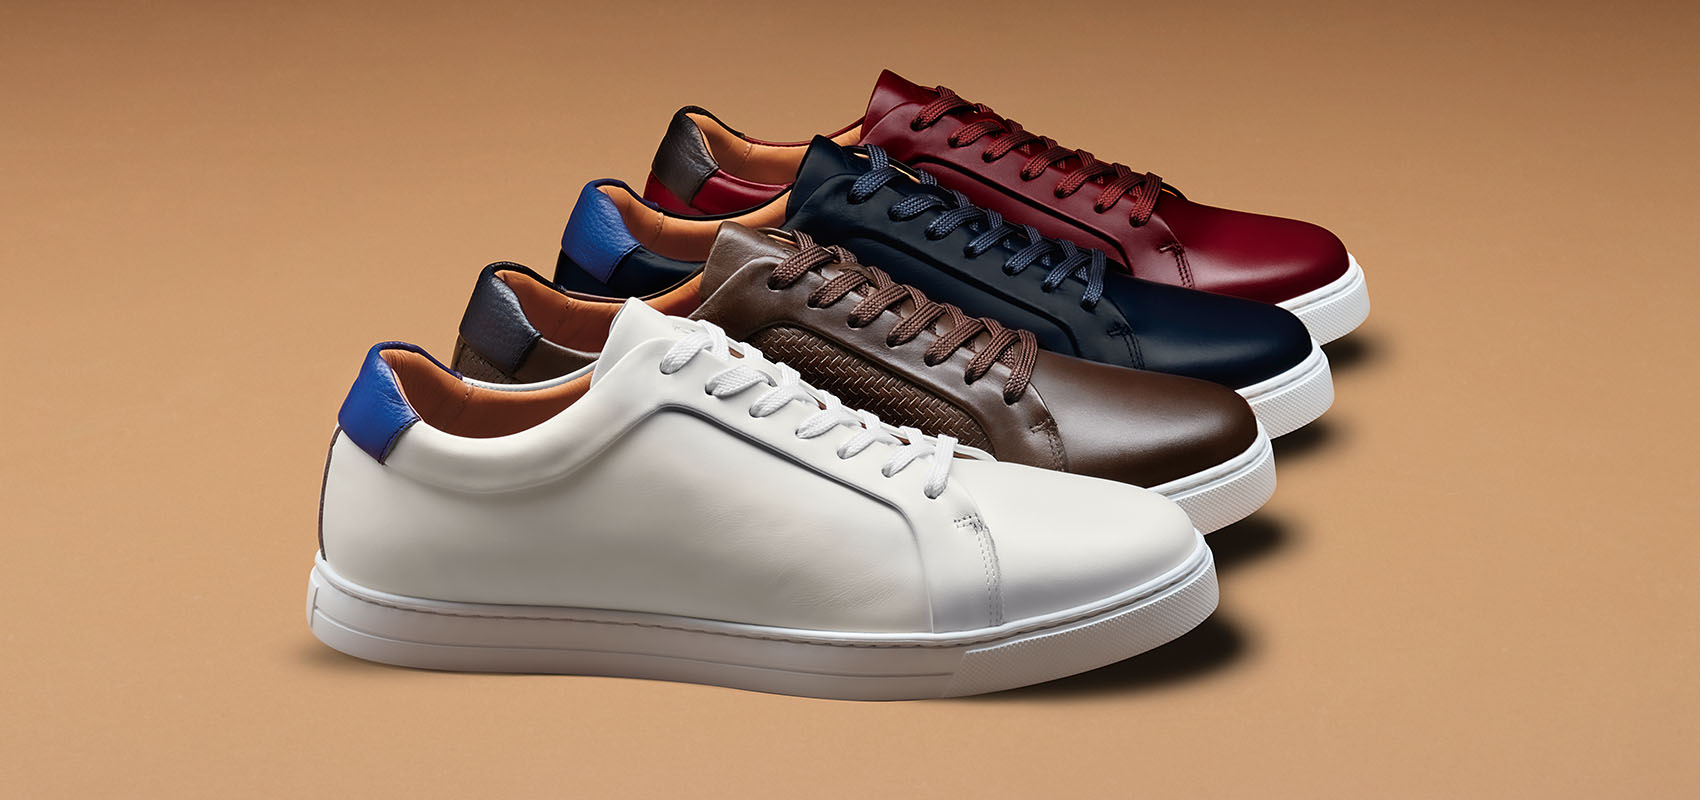 Charles Tyrwhitt Chaussures Casual